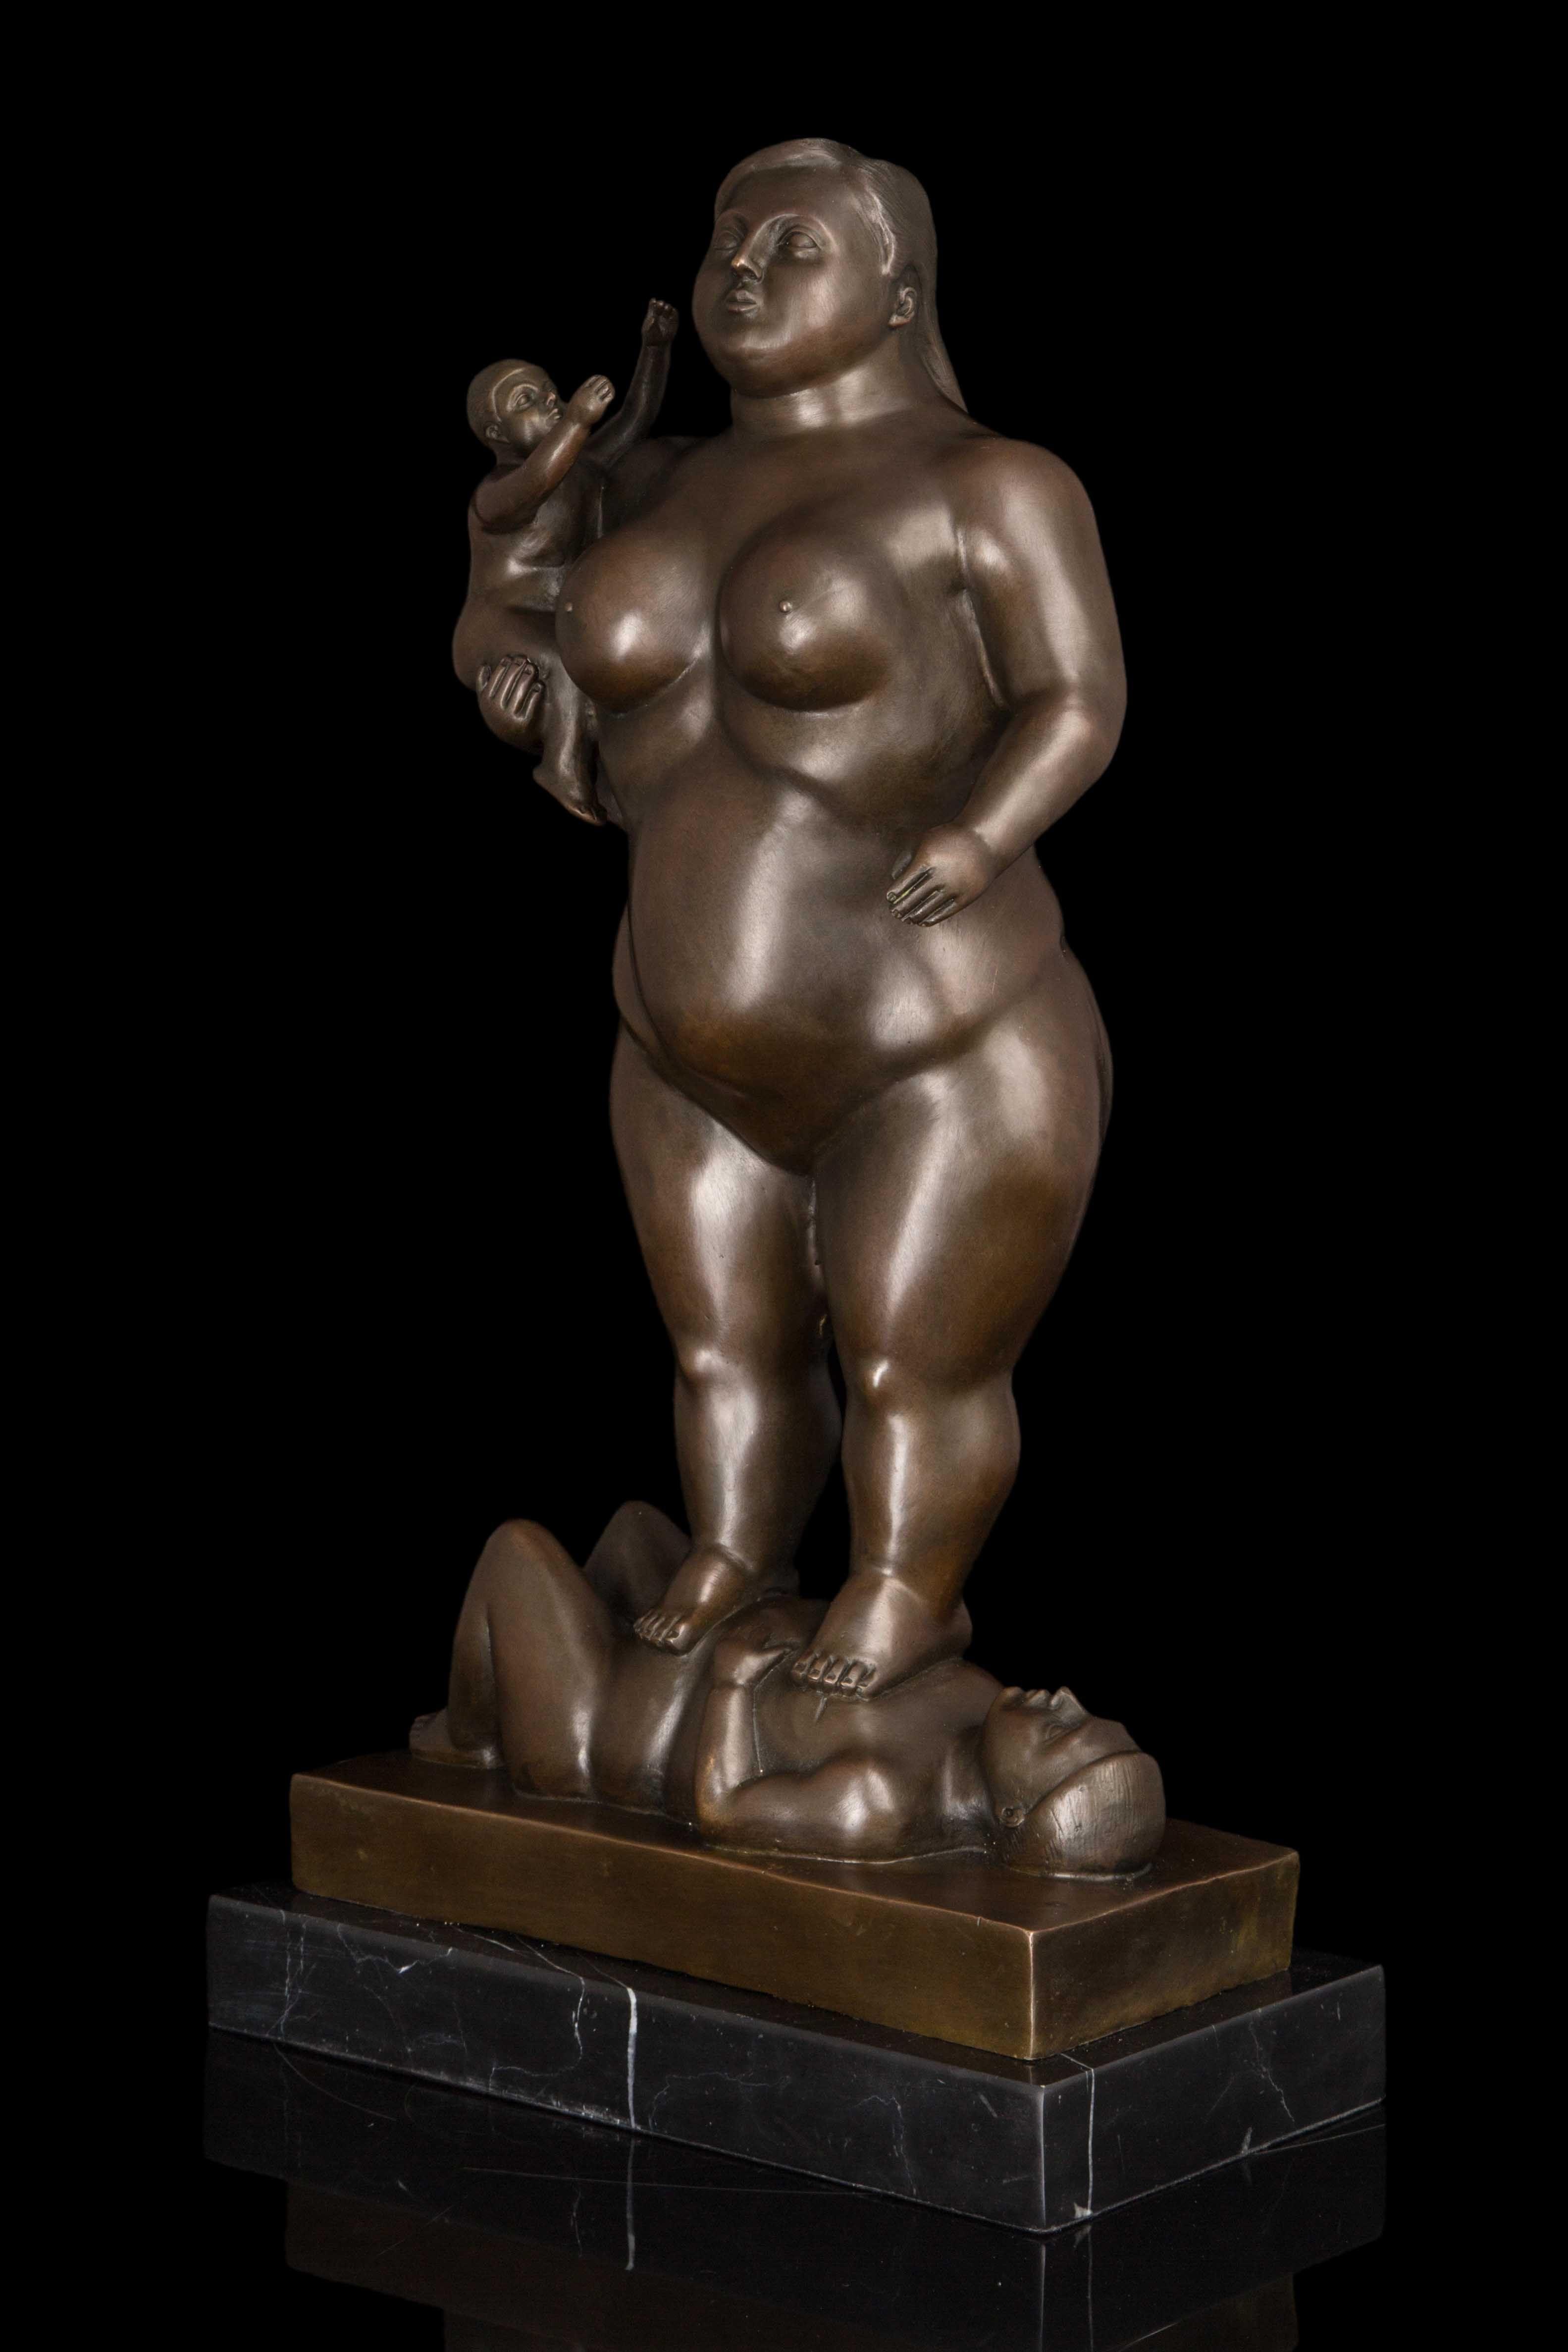 Ele estava Em Casa Mobiliário enfeites de obras de arte de Botero escultura escultura abstrata escultura de bronze DS-289